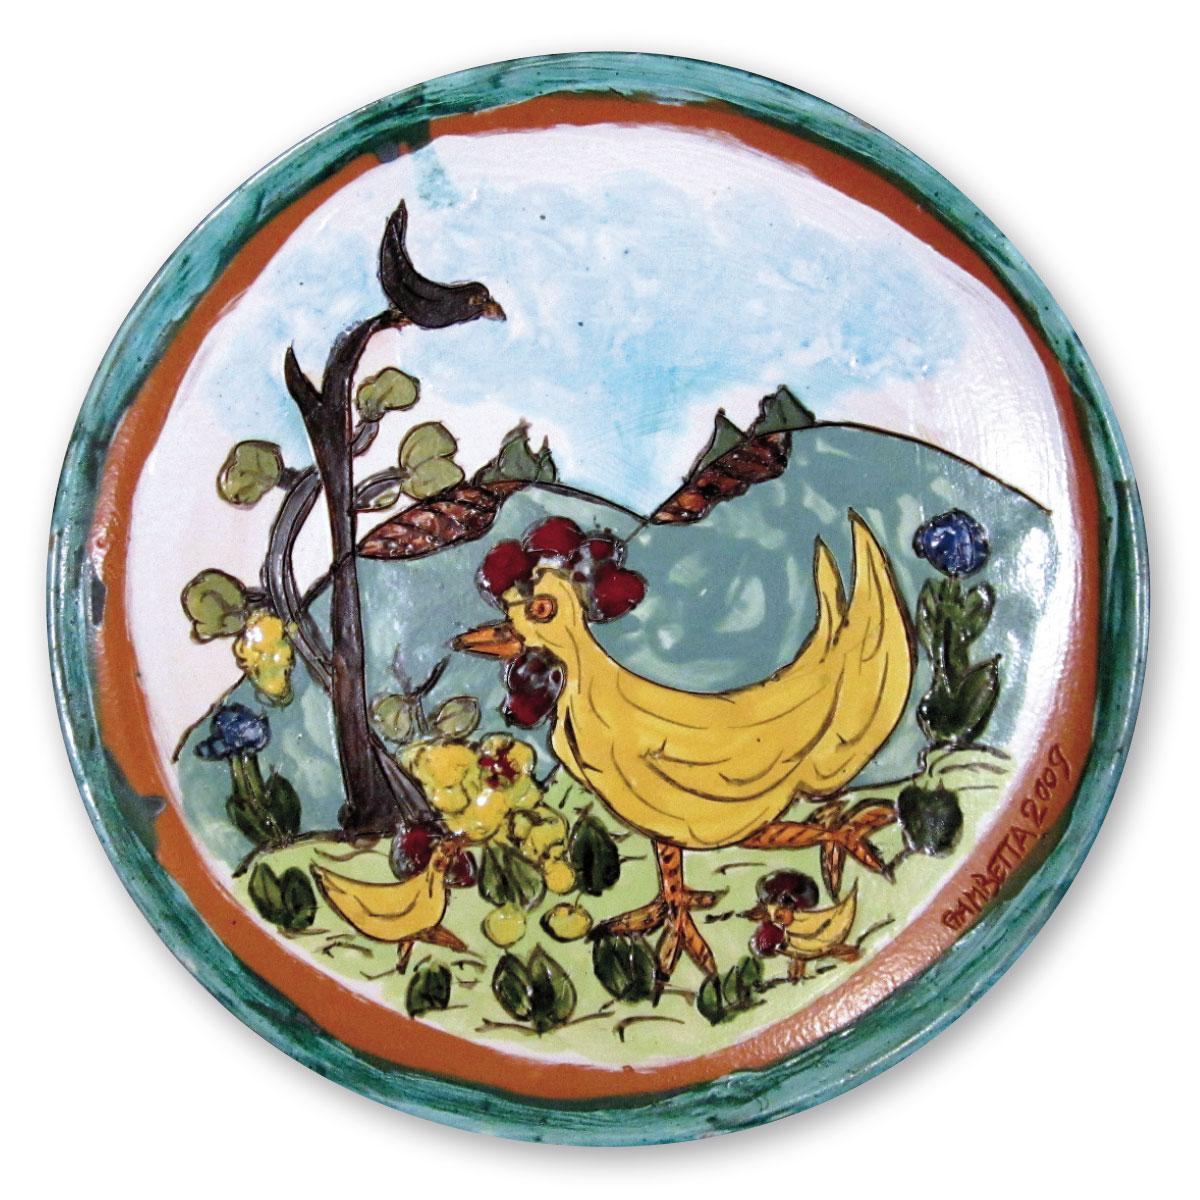 L'opera dell'artista Dino Gambetta acquisita dal Museo a cielo aperto di Denice, dedicato alla ceramica contemporanea